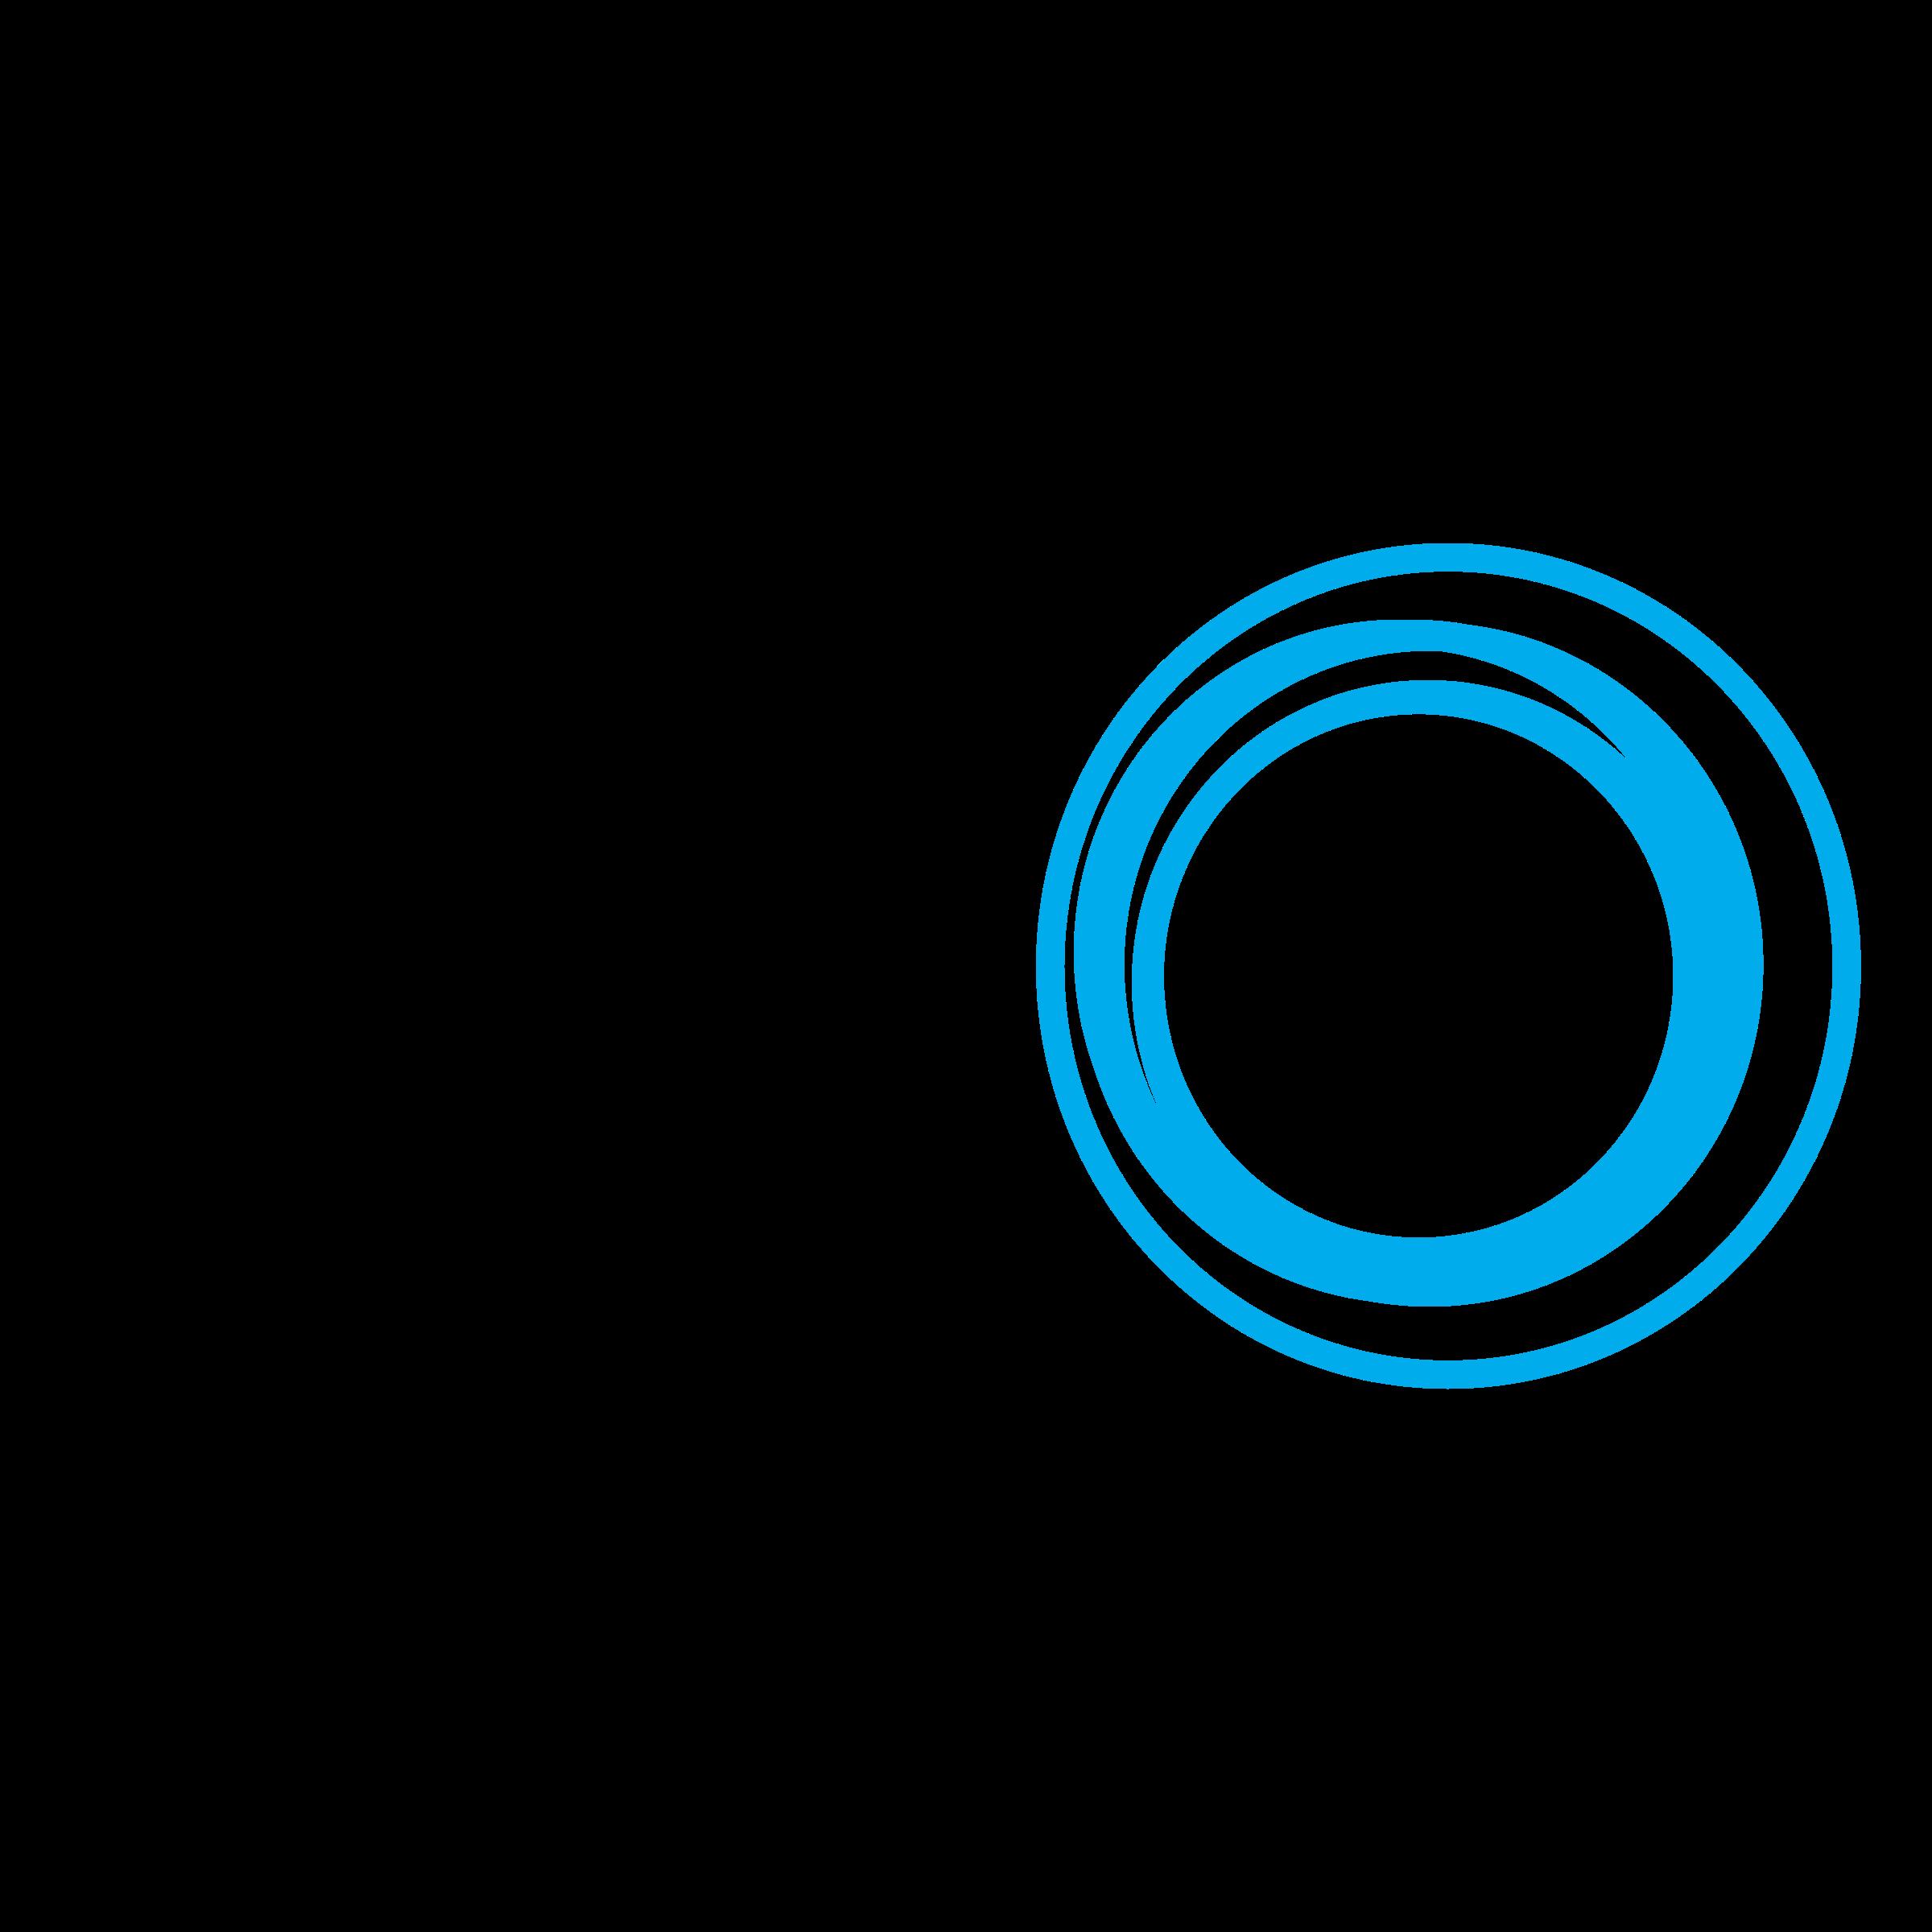 21+ Ring Logo Png